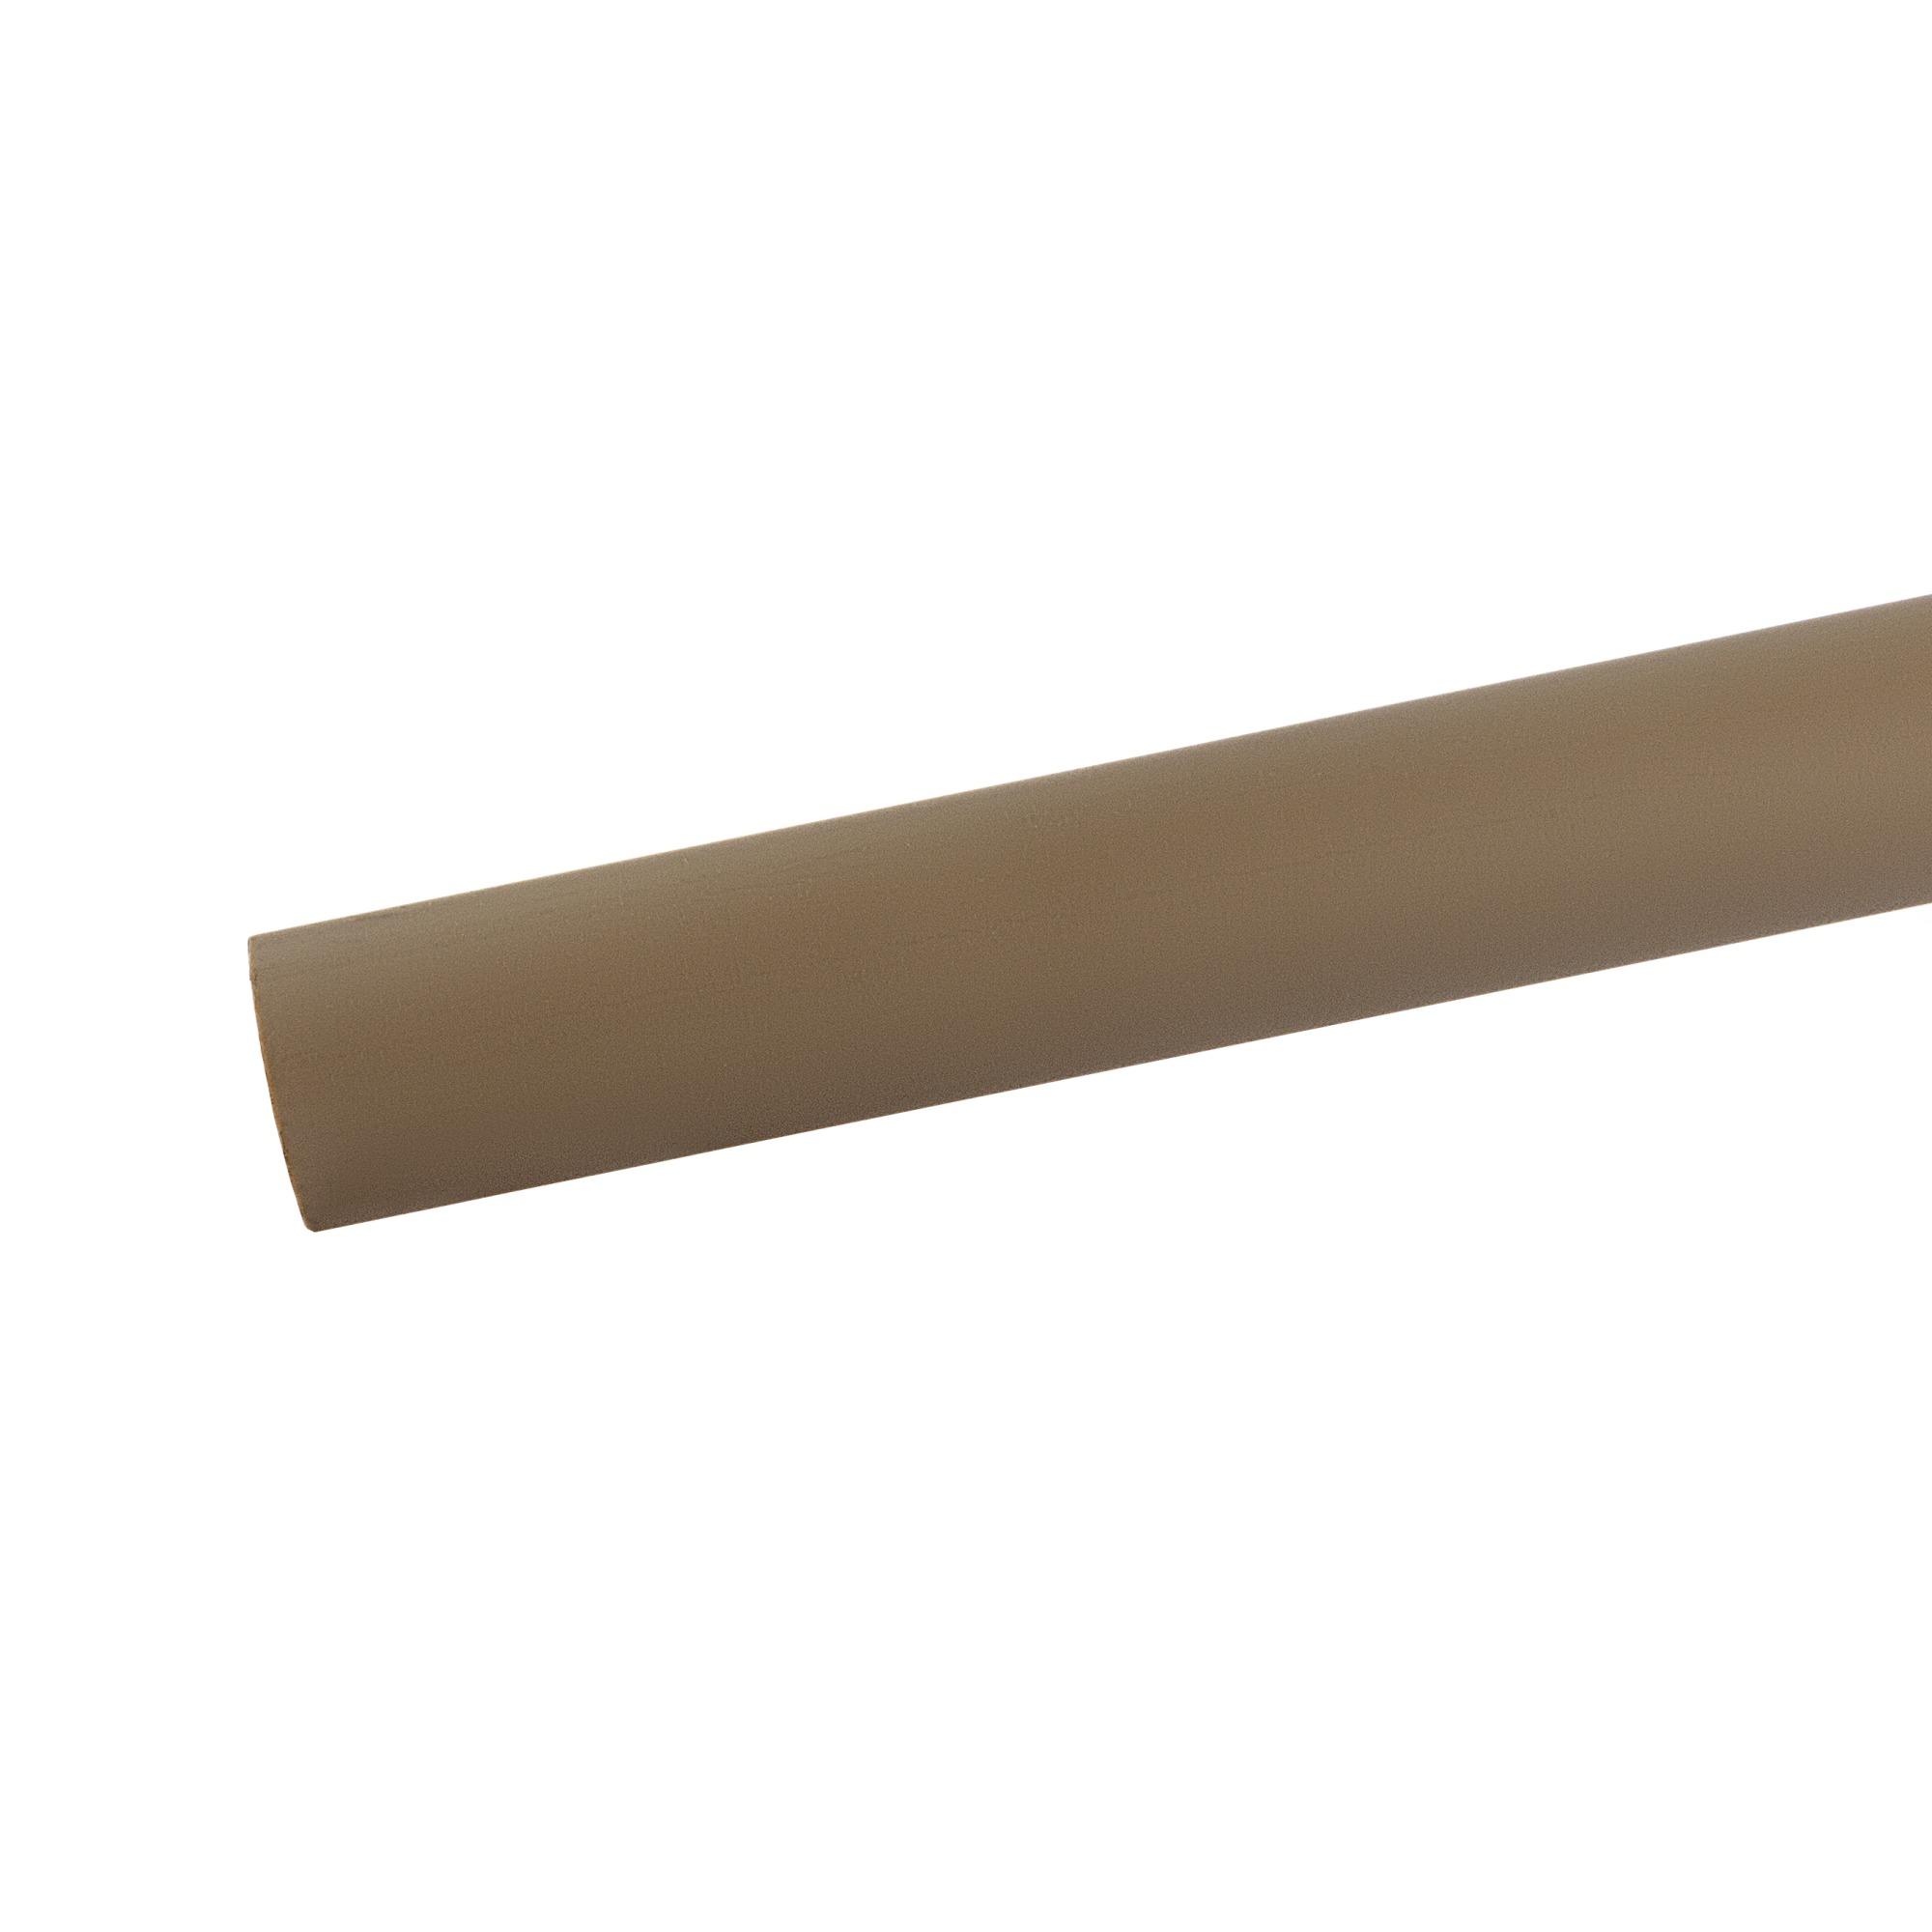 Tubo PVC Marrom Soldavel 25 mm x 3 m - Amanco